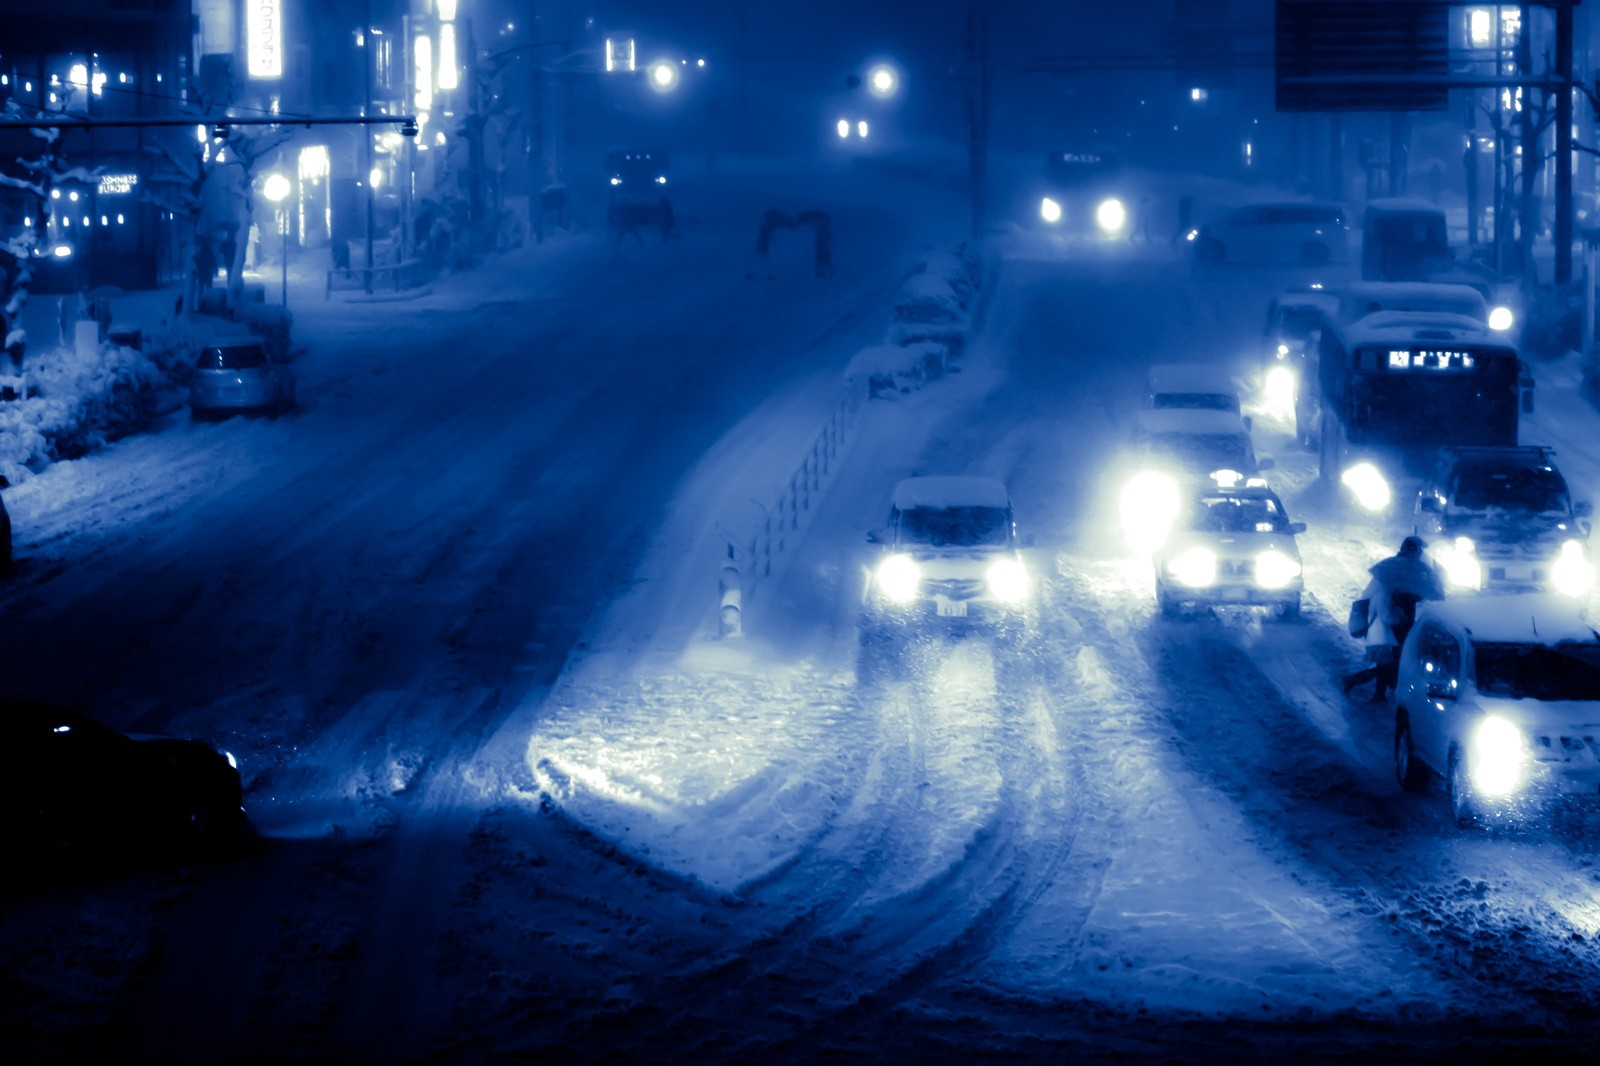 「雪が降り積もる夜の幹線道路雪が降り積もる夜の幹線道路」のフリー写真素材を拡大